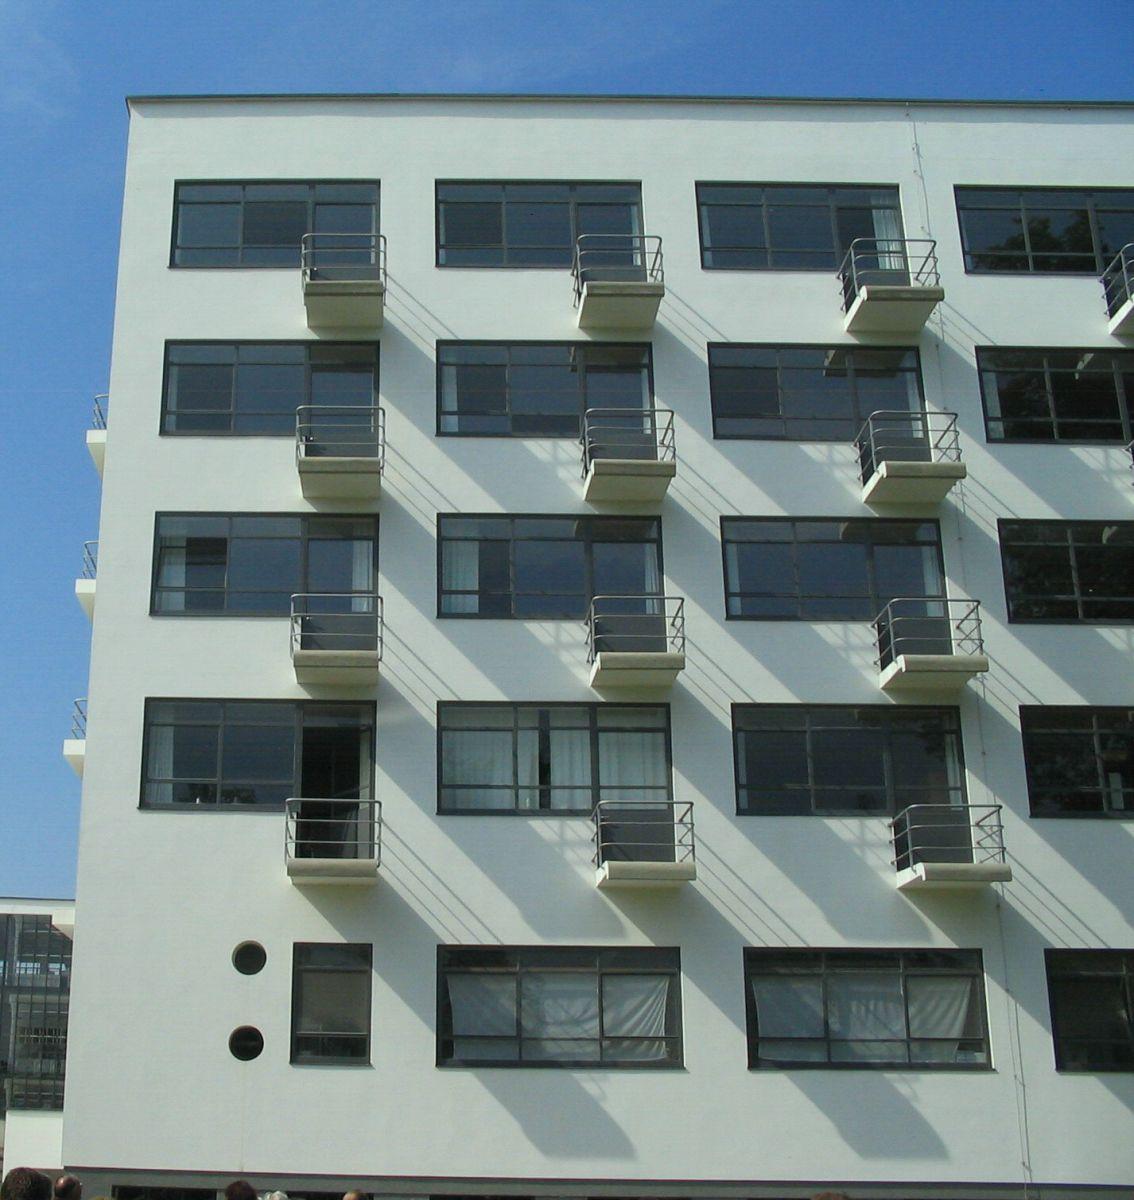 The Bauhaus Dormitory